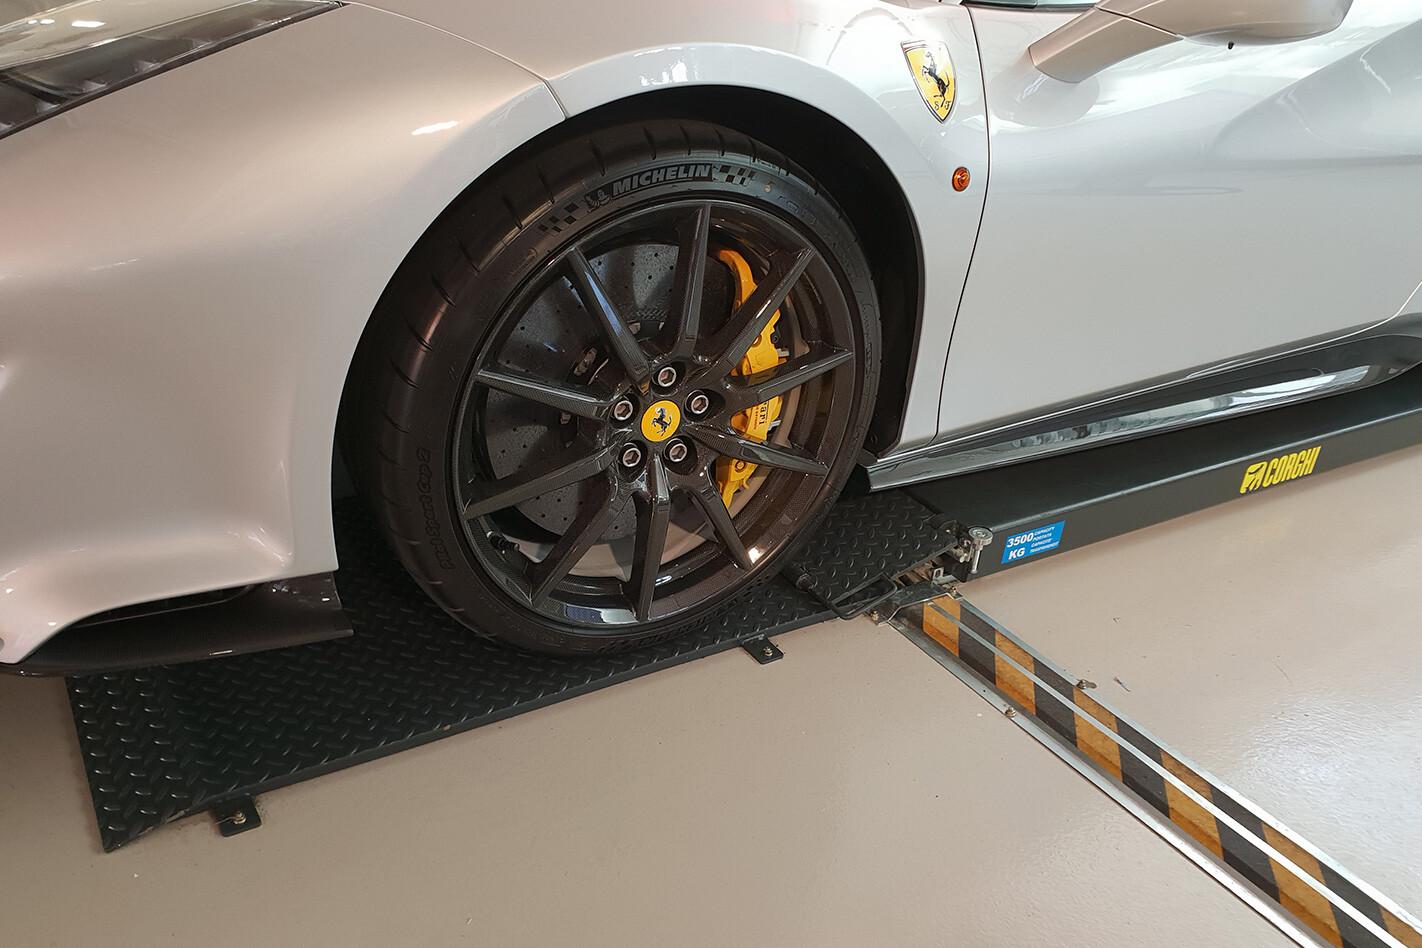 Ferrari 488 Pista Wheel Jpg